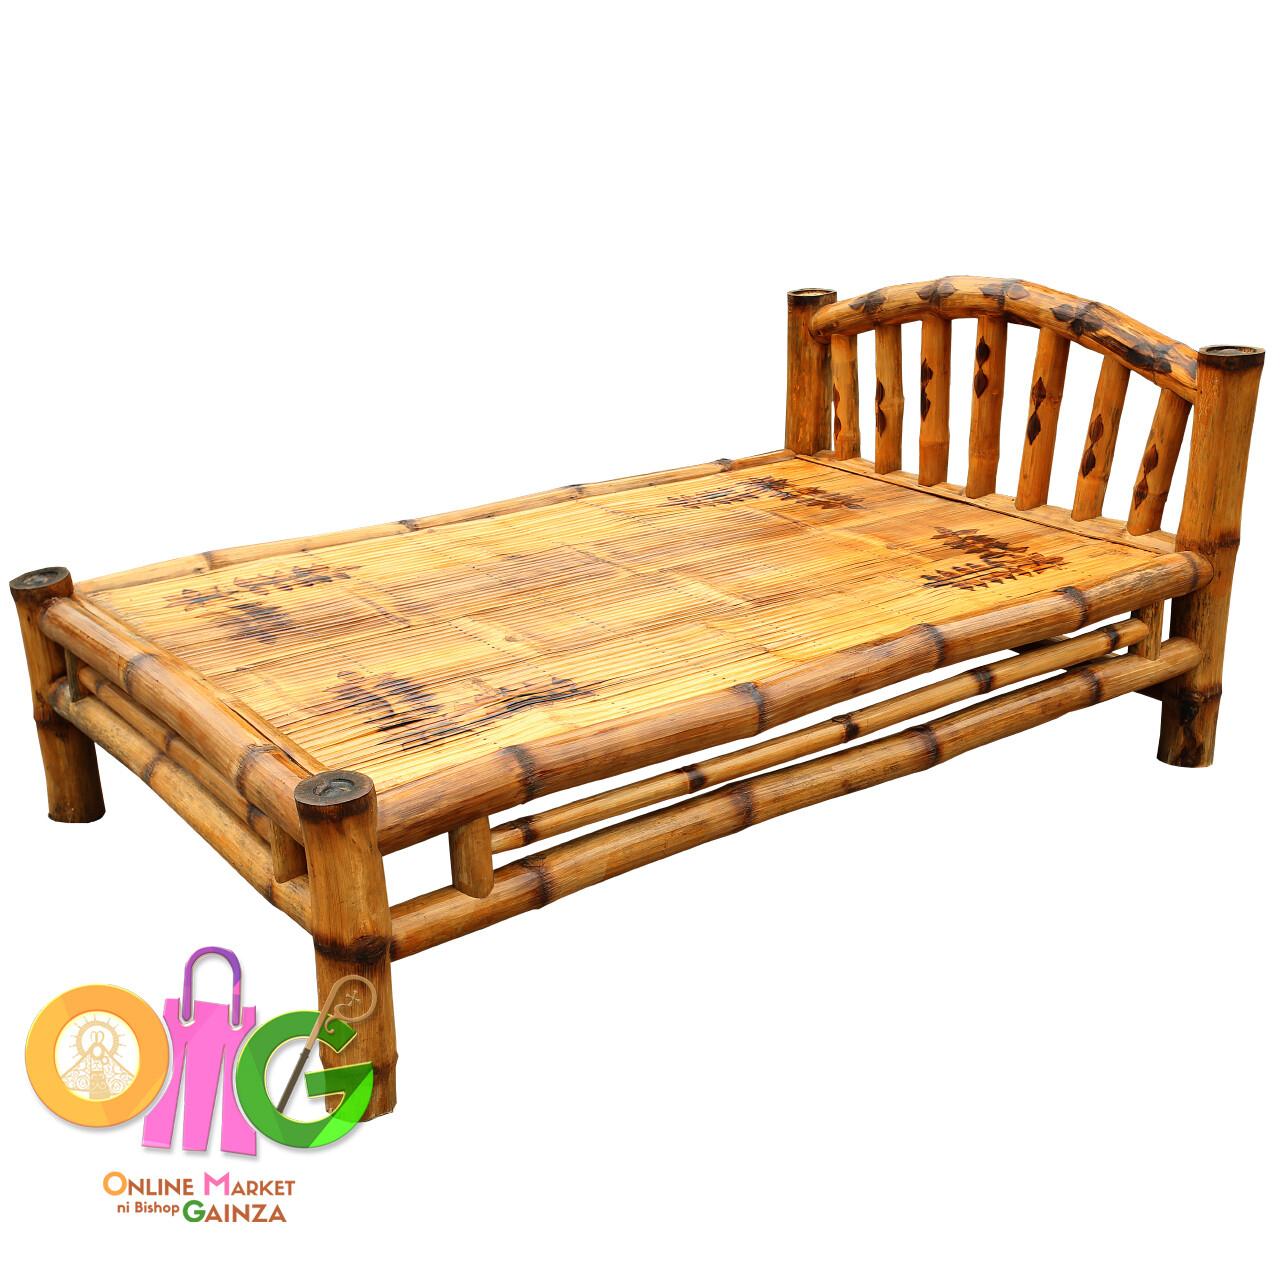 Agos Bato Furniture - Bamboo Bed